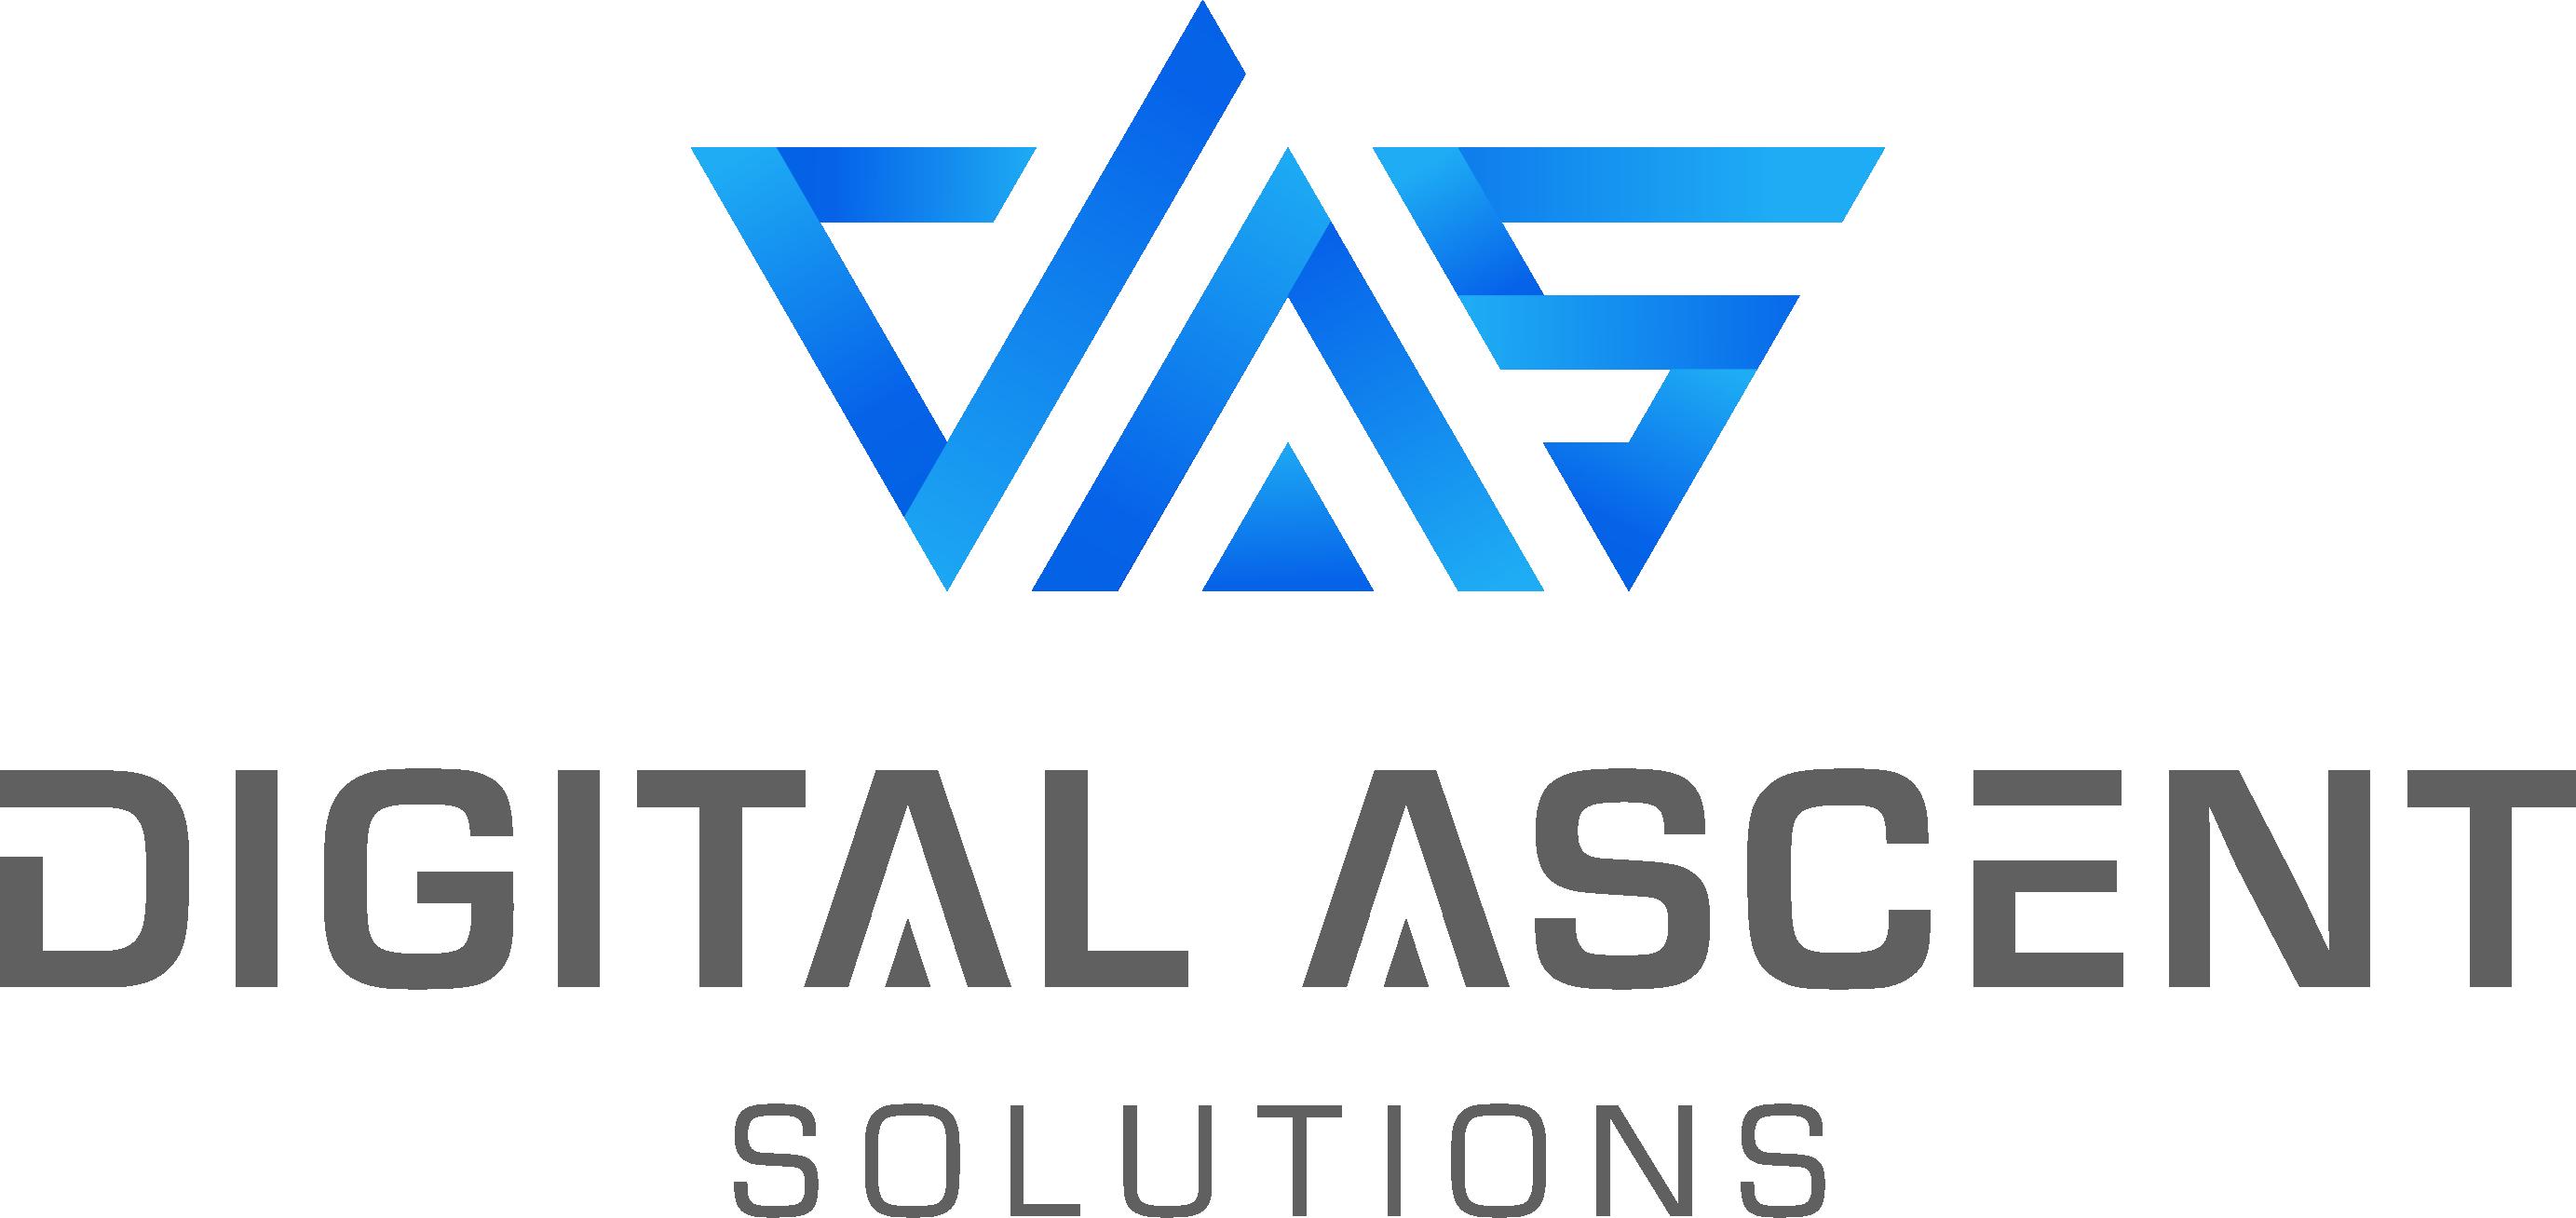 Digital Ascent Solutions Logo